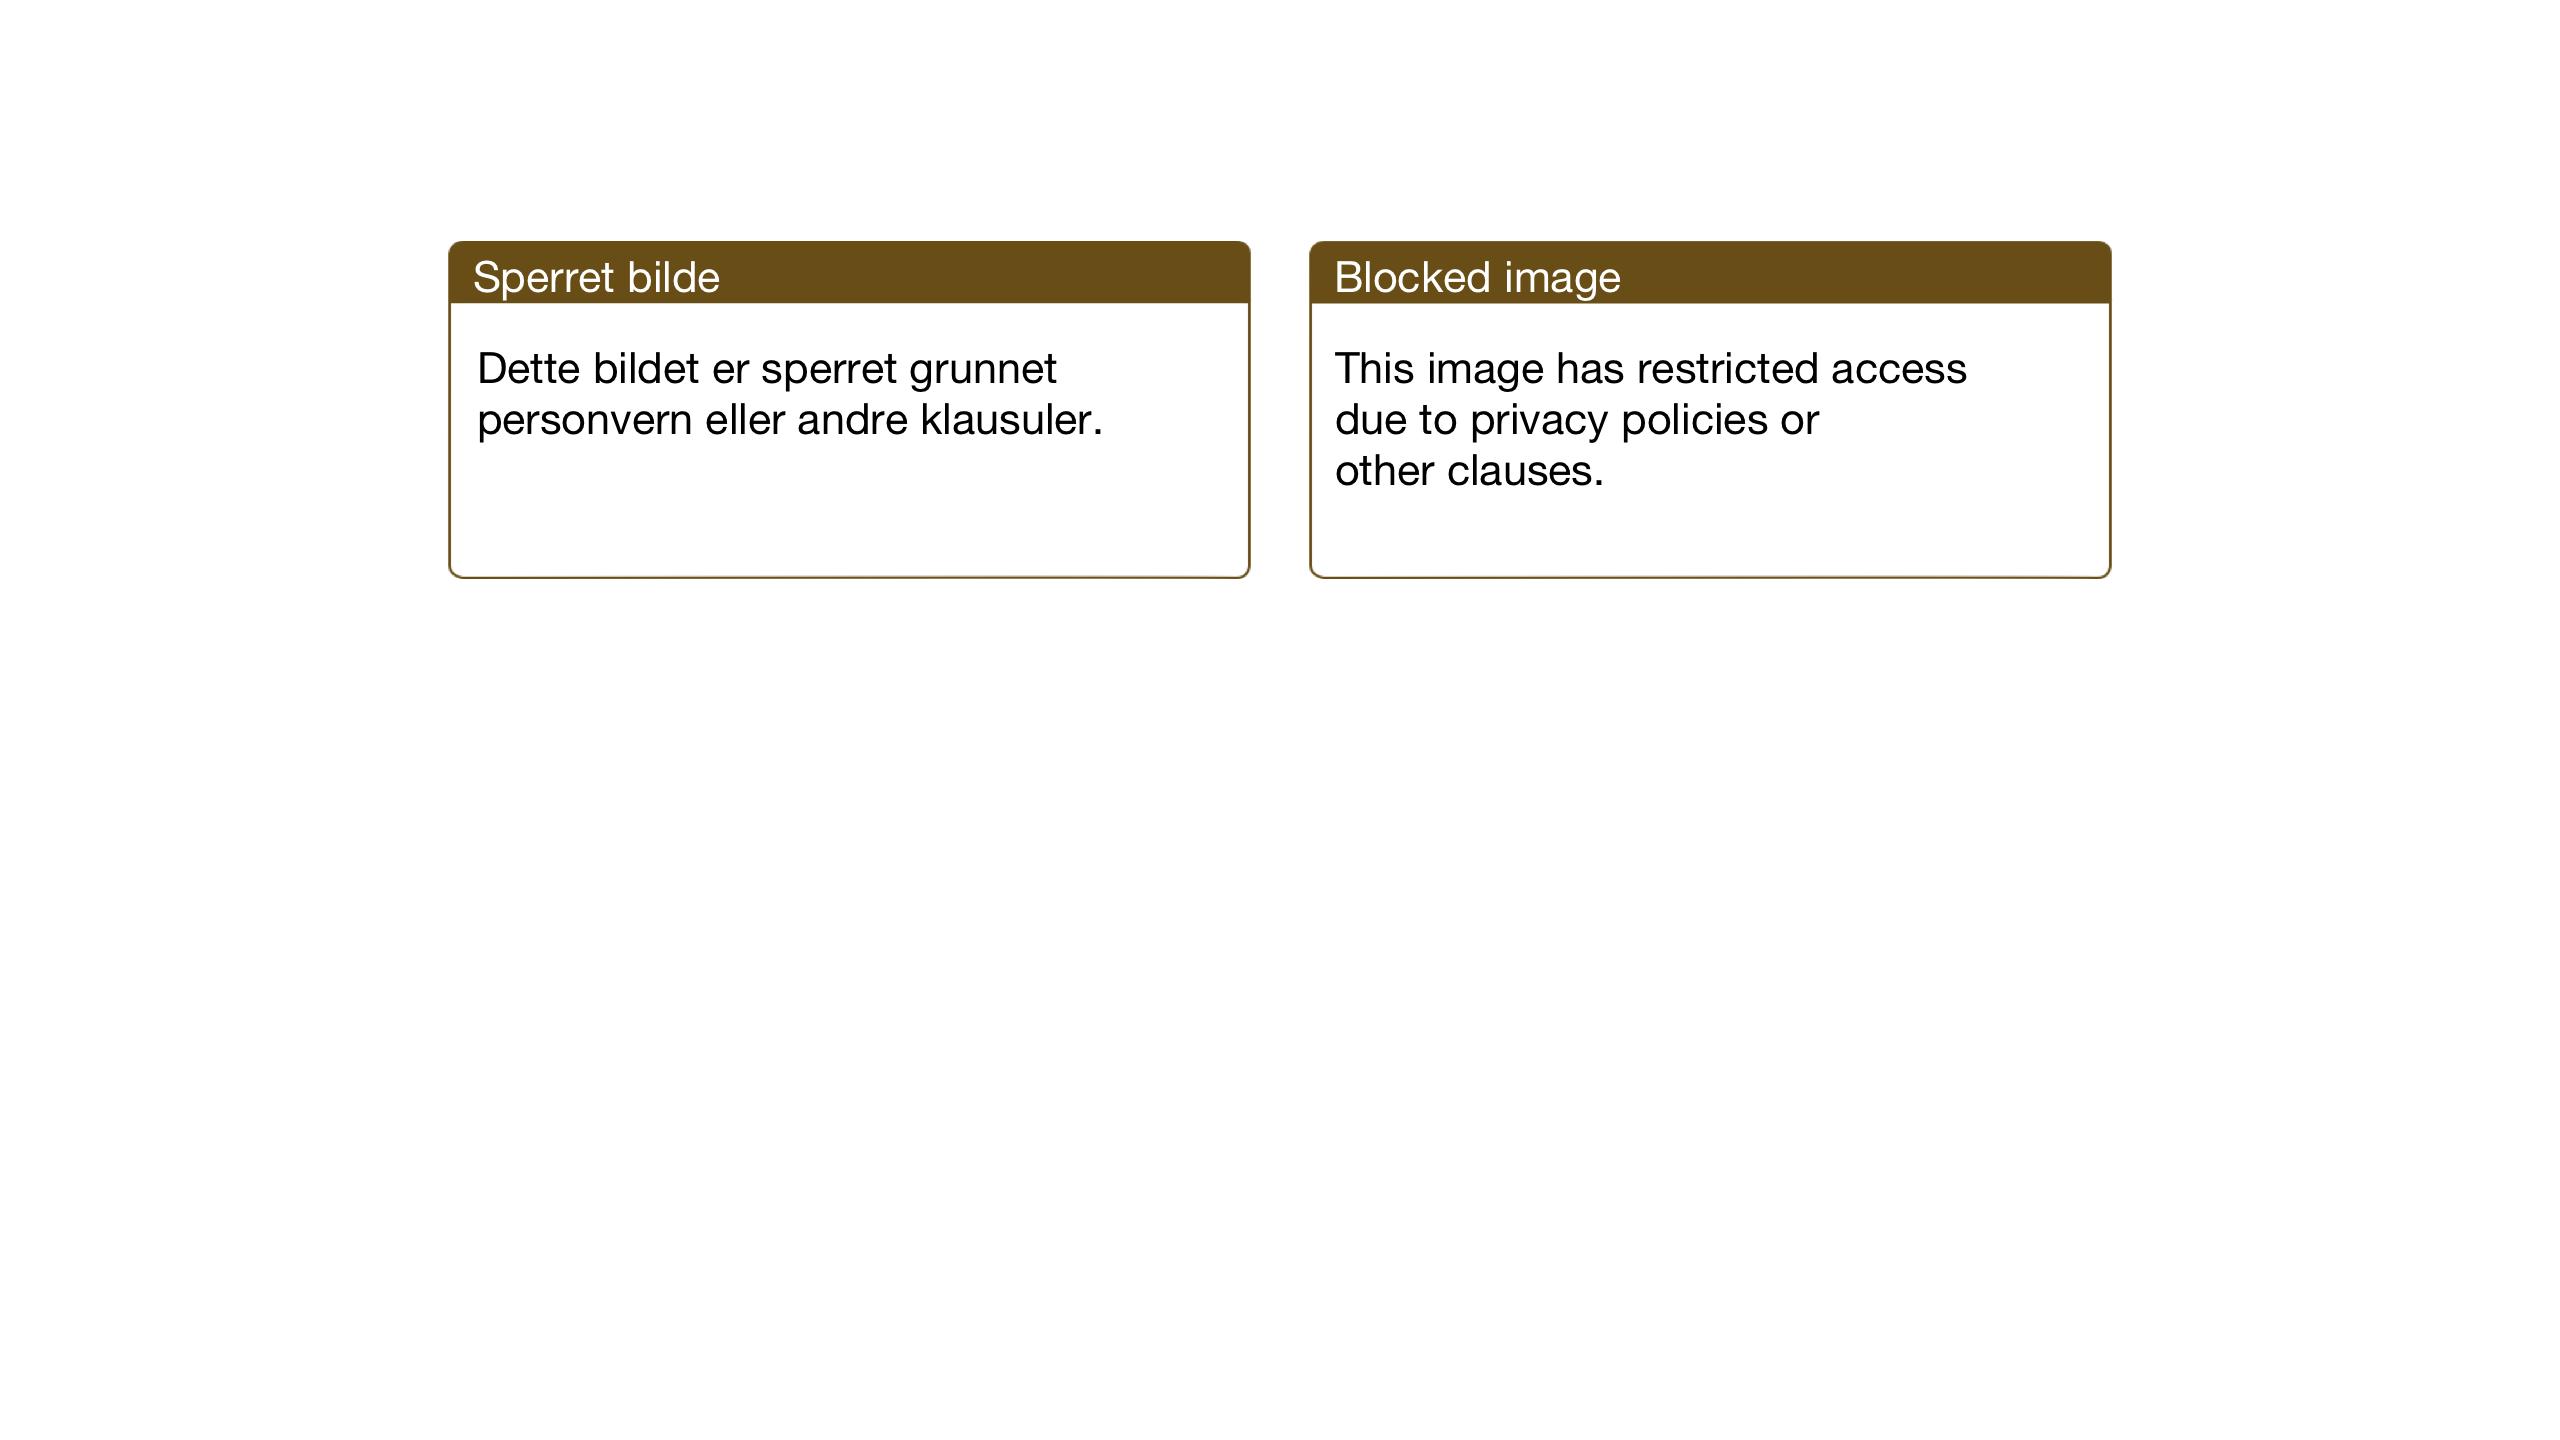 SAT, Ministerialprotokoller, klokkerbøker og fødselsregistre - Sør-Trøndelag, 669/L0832: Klokkerbok nr. 669C02, 1925-1953, s. 147